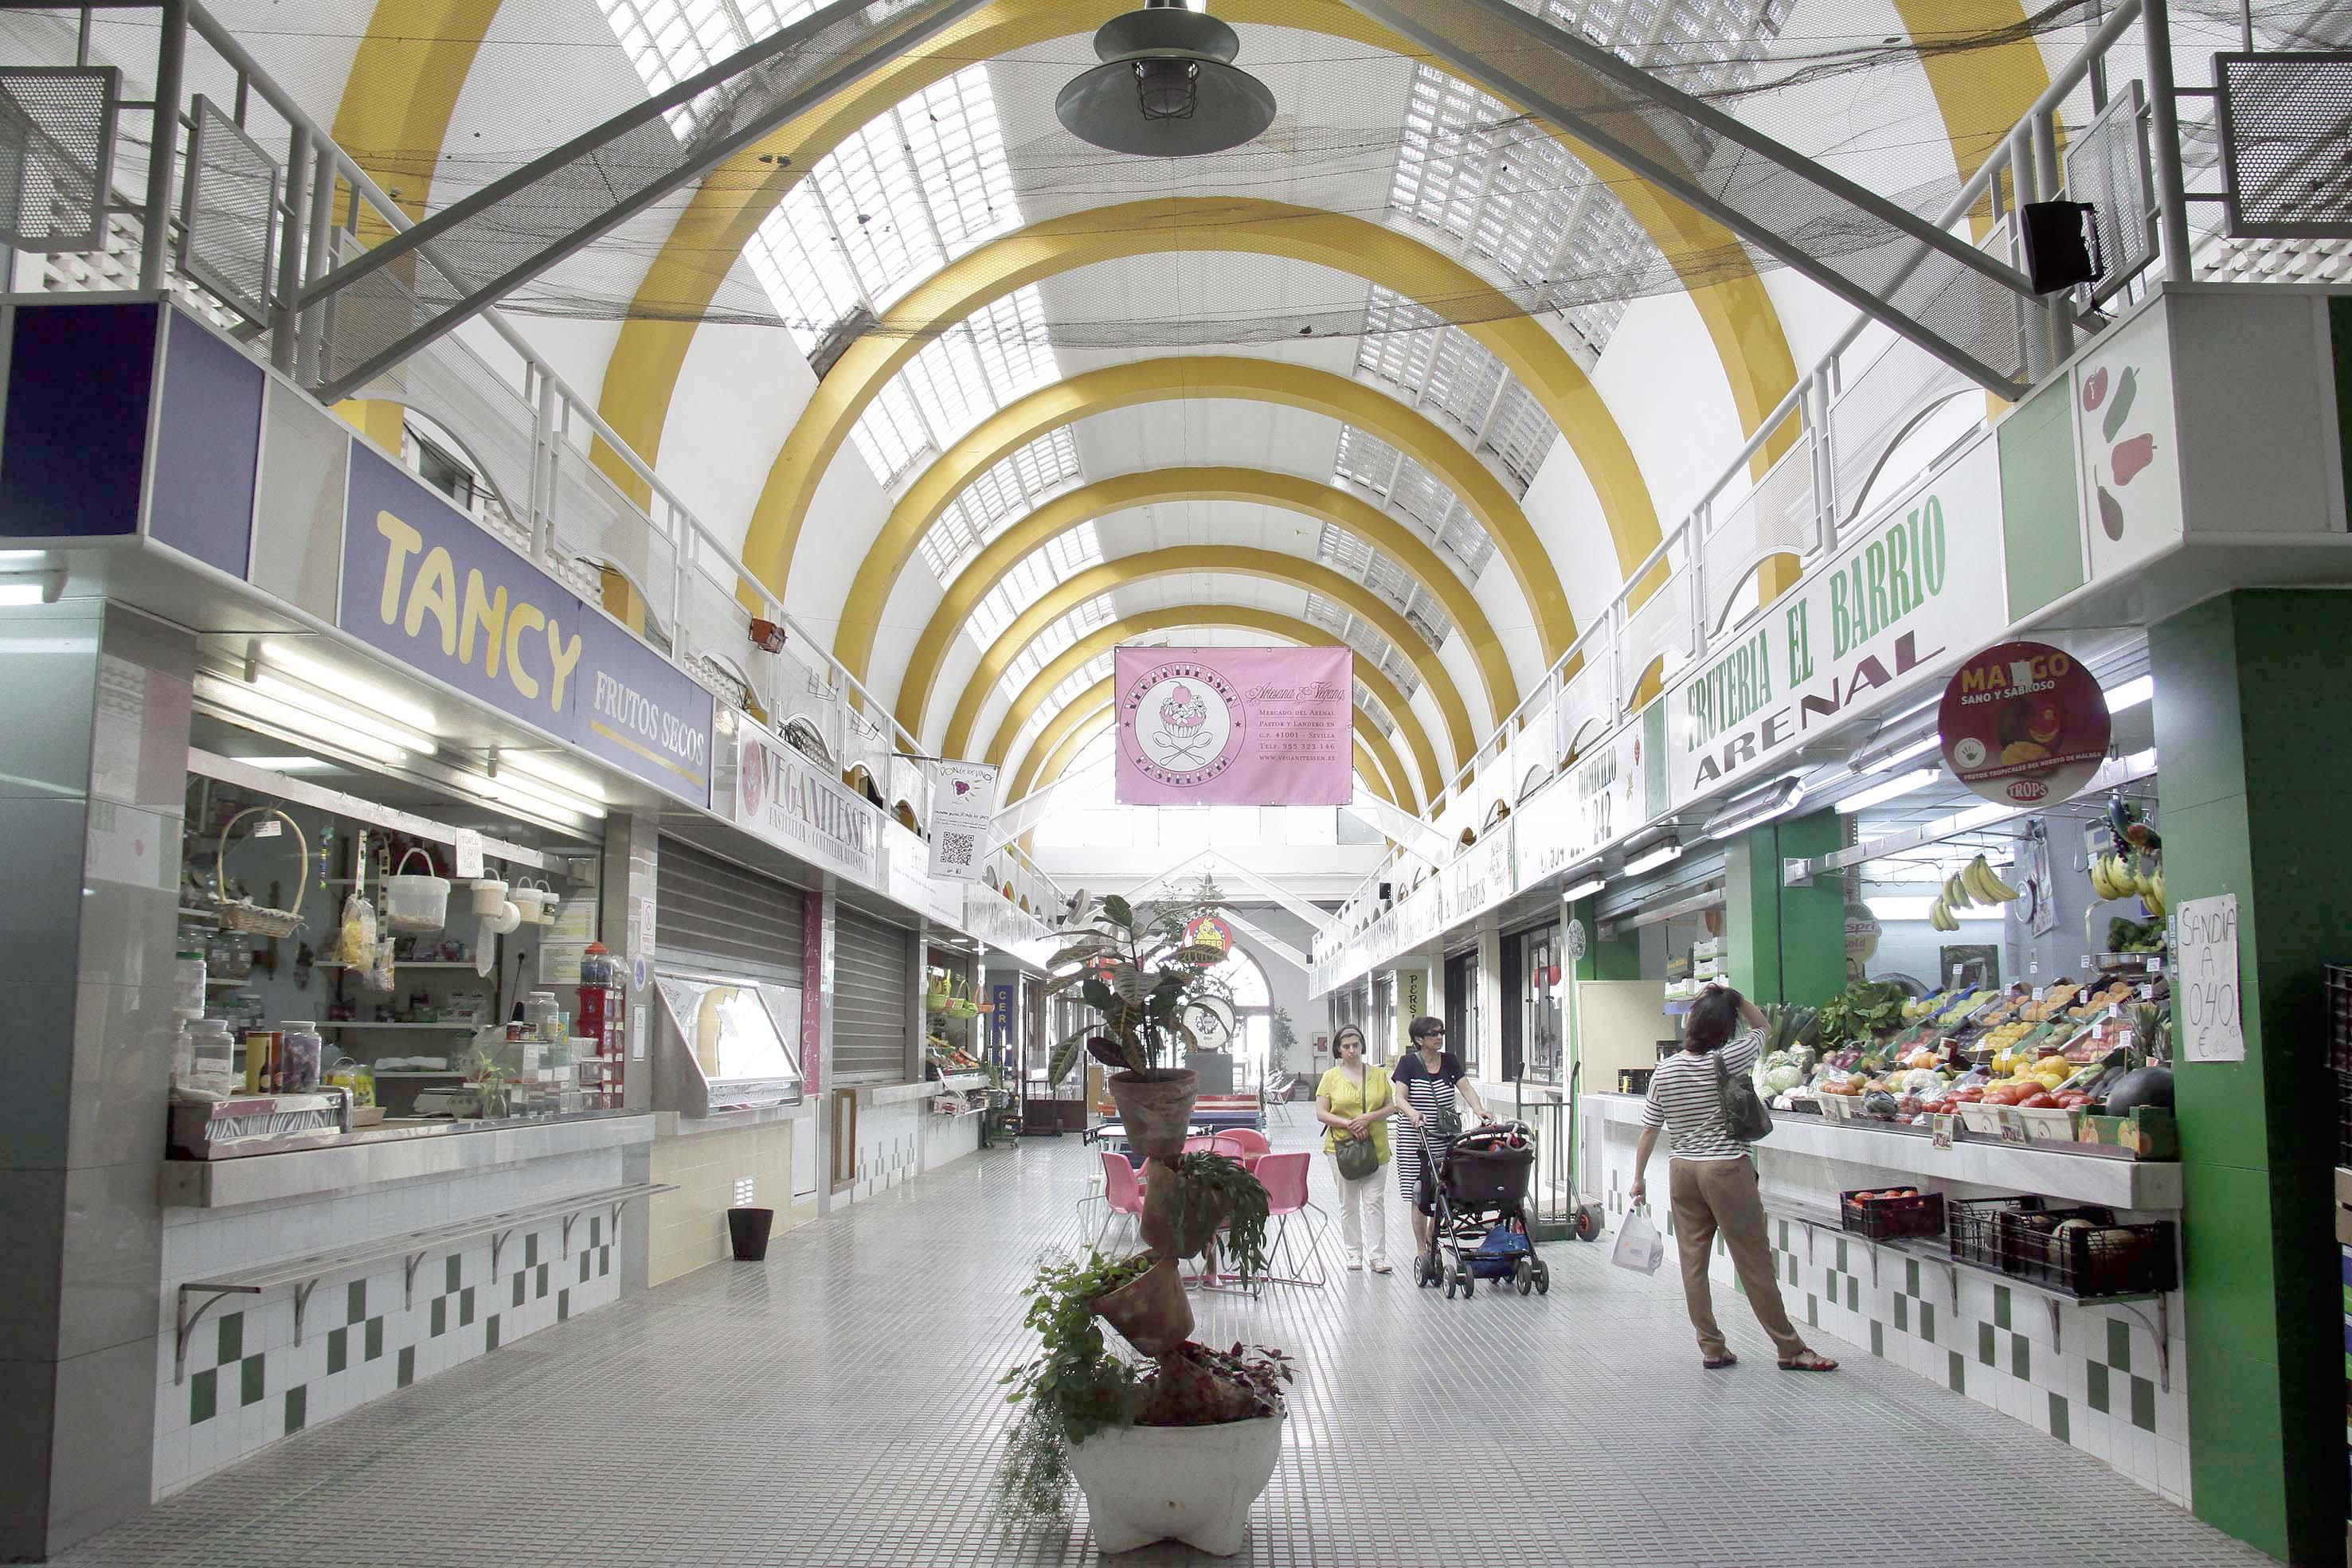 Edificio del Arenal, otro de los mercados con historia. / JOSE LUIS MONTERO